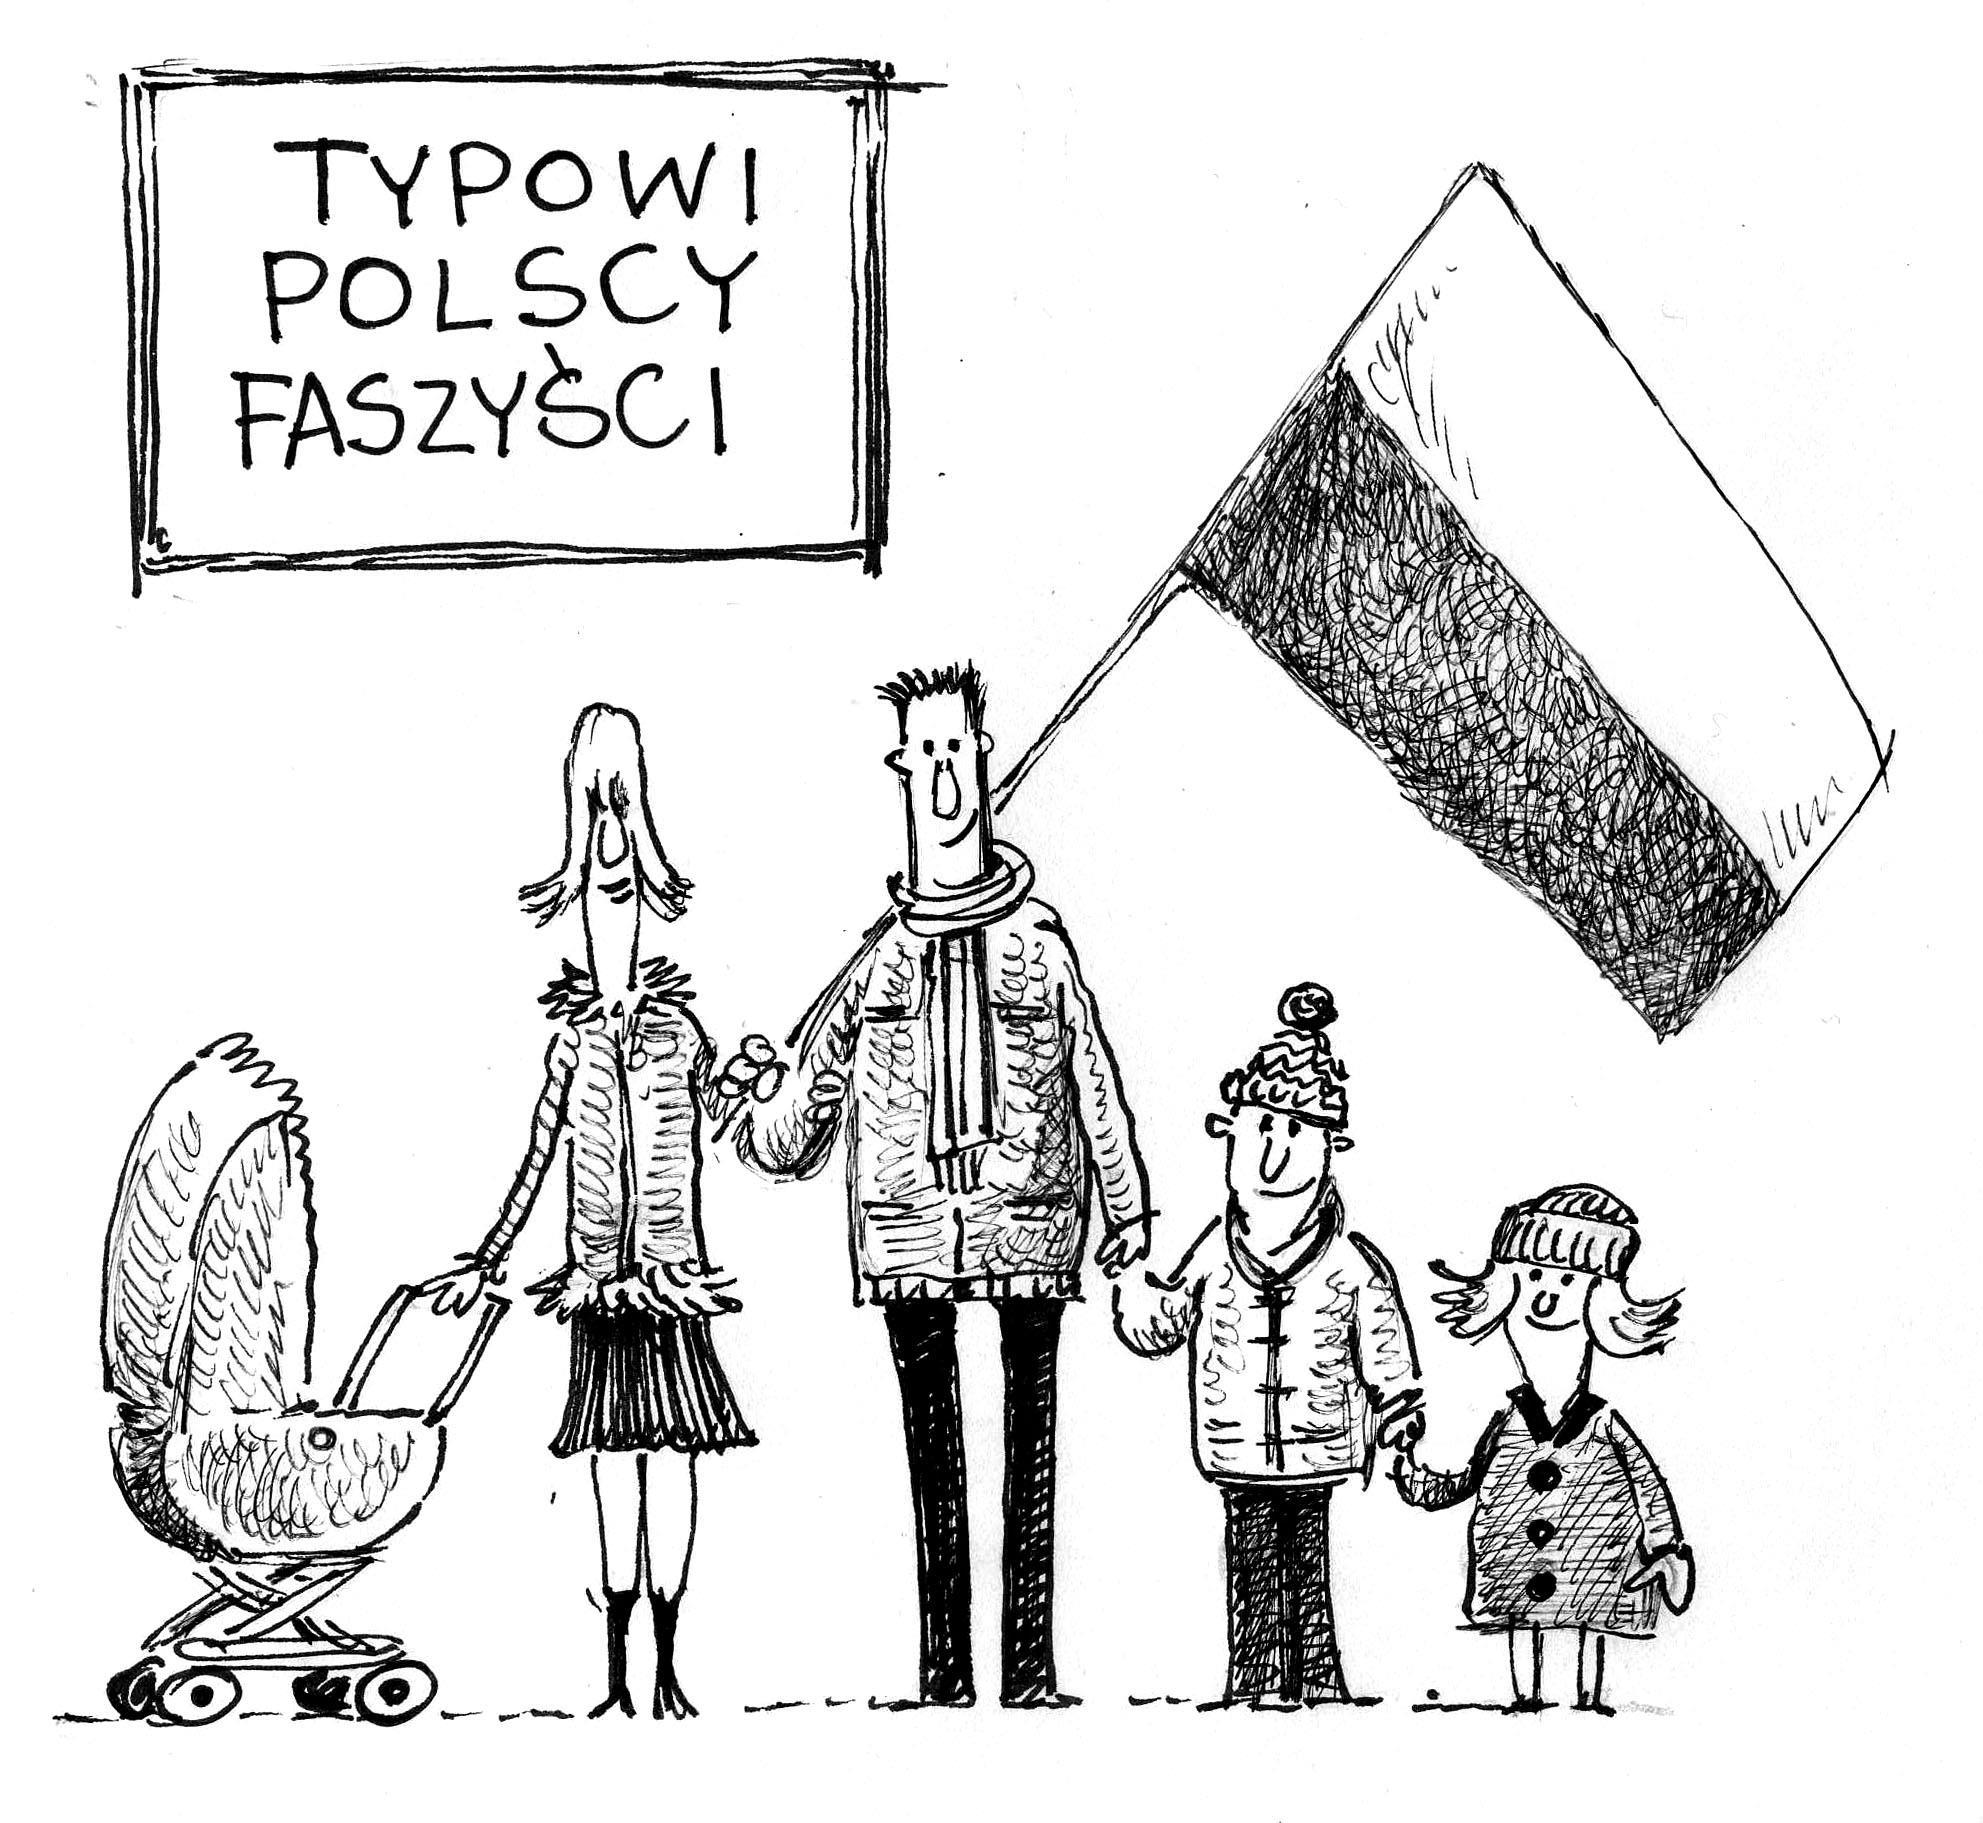 https://3obieg.pl/wp-content/uploads/2014/04/typowi-polscy-faszy%C5%9Bci.jpg